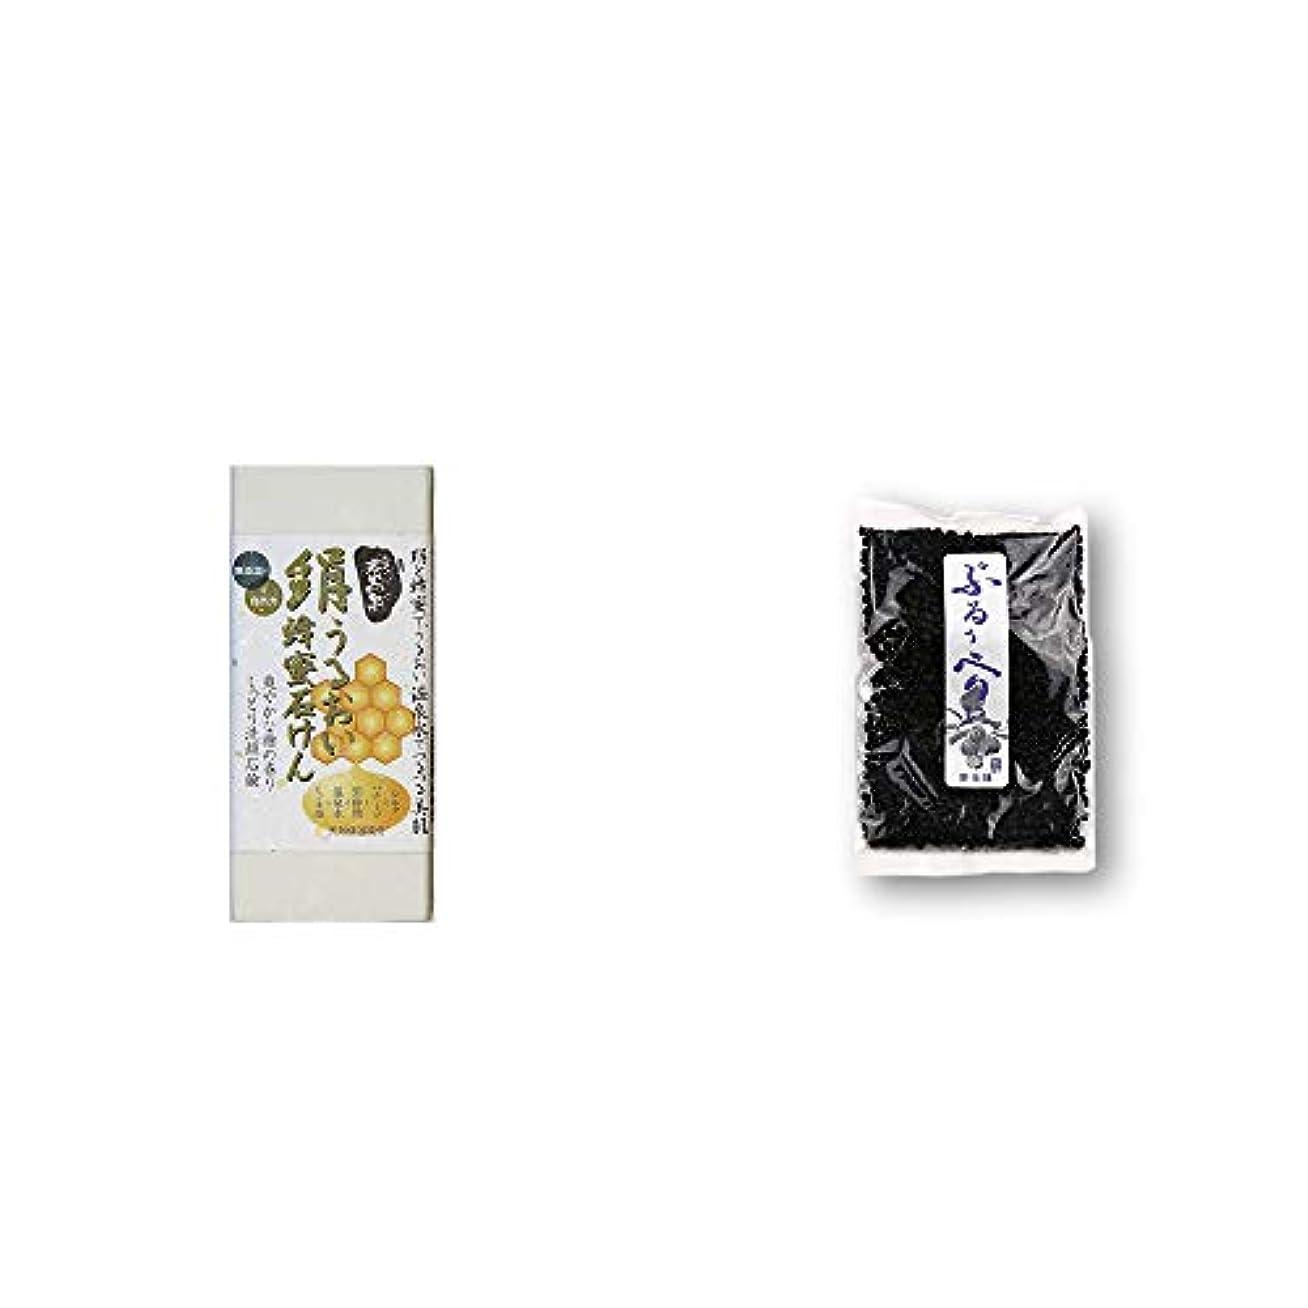 罪悪感退化するシリーズ[2点セット] ひのき炭黒泉 絹うるおい蜂蜜石けん(75g×2)?野生種ぶるぅべりぃ(260g)